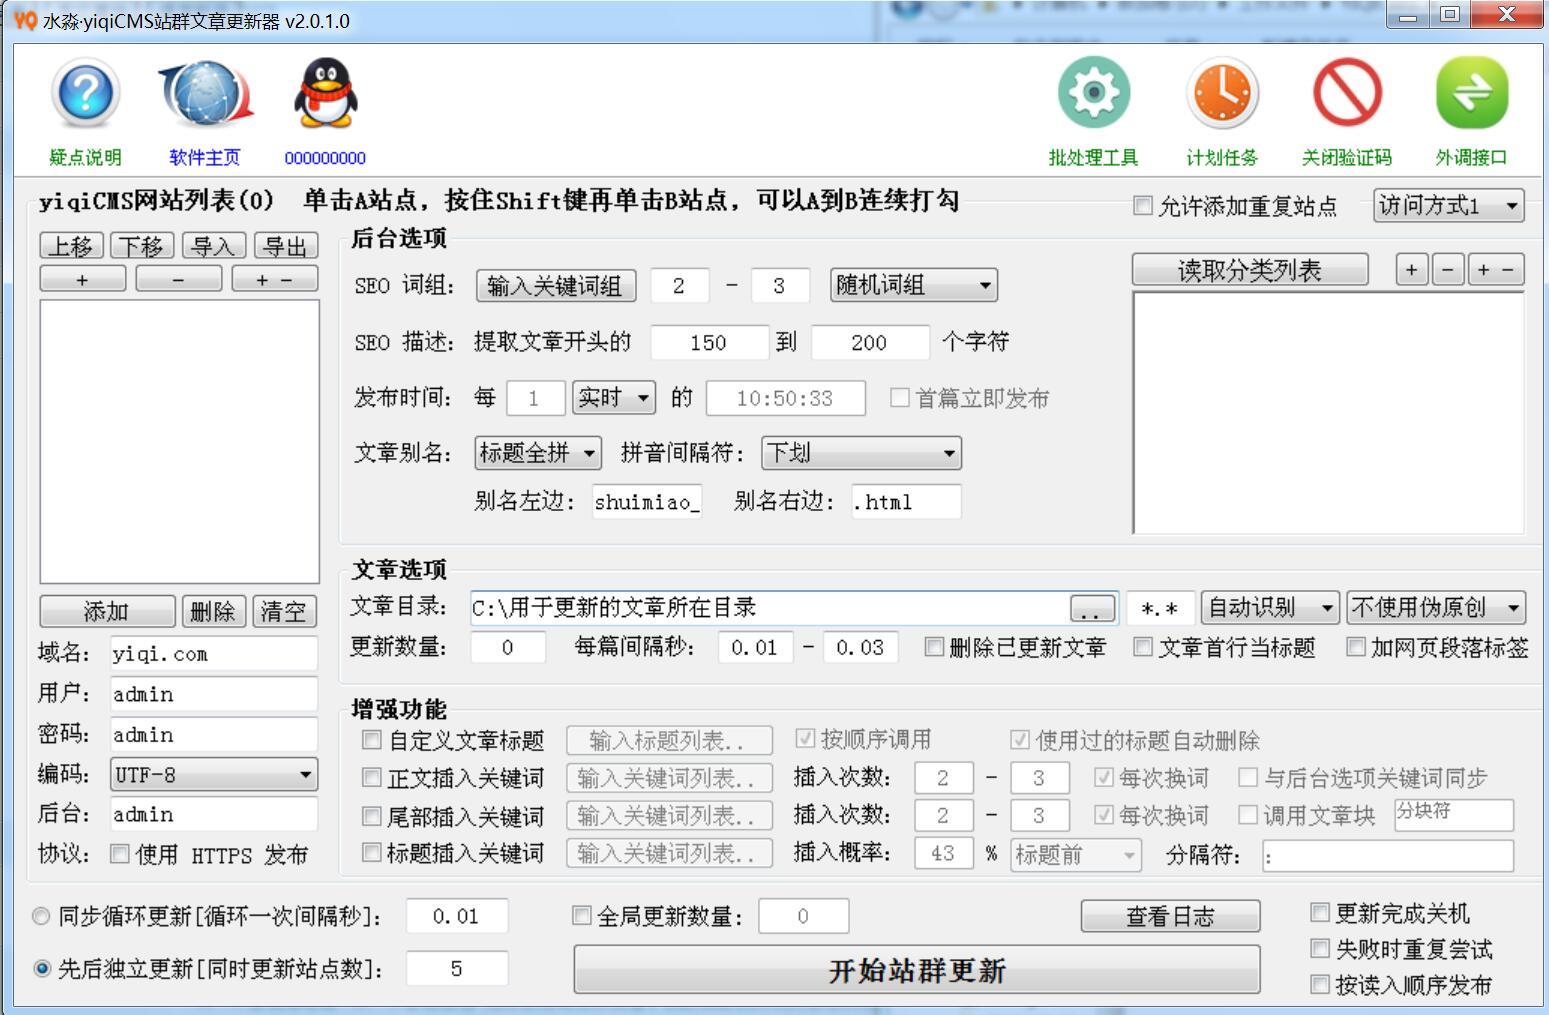 水淼・yiqiCMS站群文章更新器v2.0.2.0